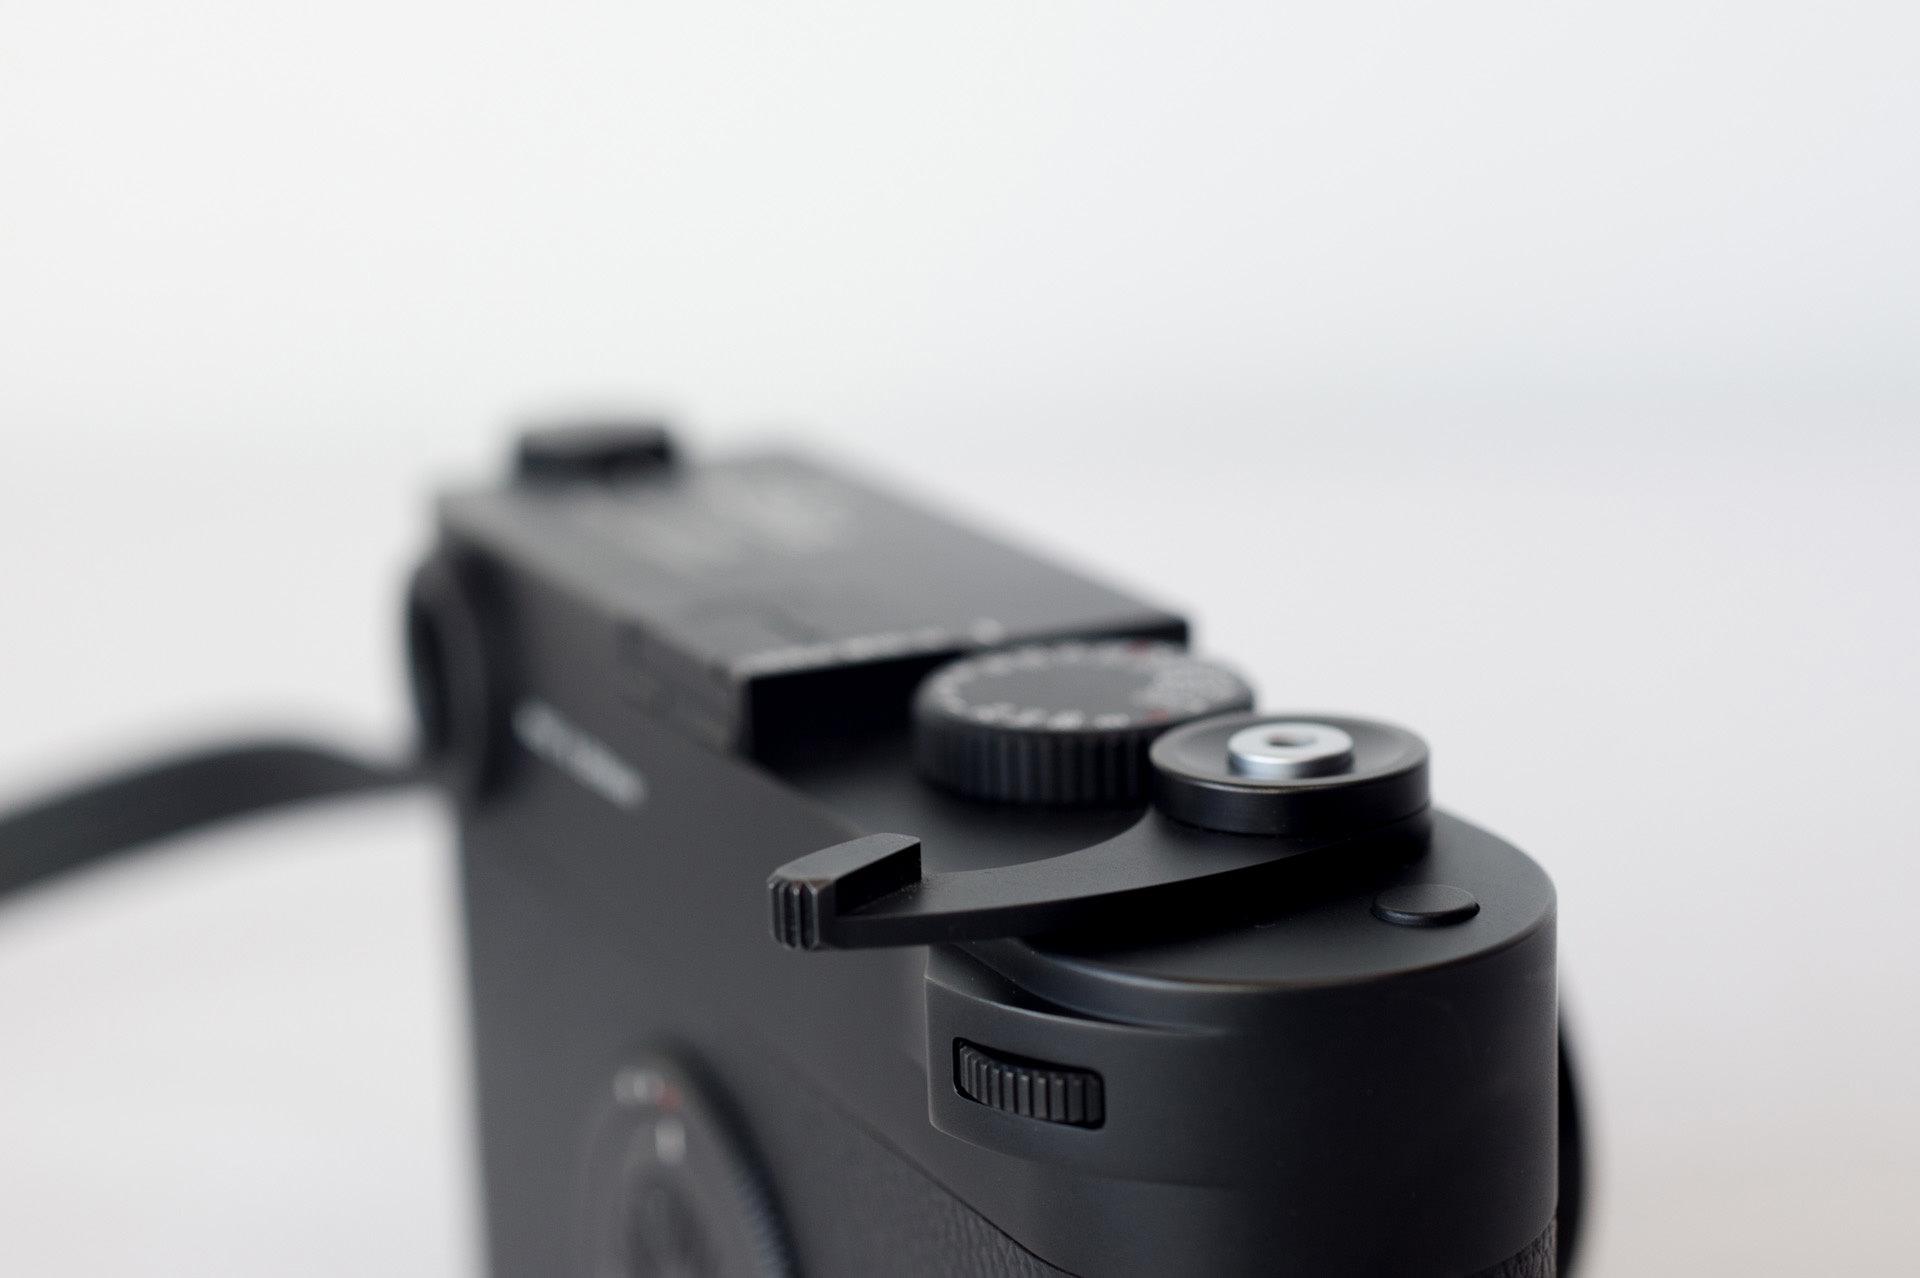 Leica M10-Dレビュー04 <収納式のサムレストについて>